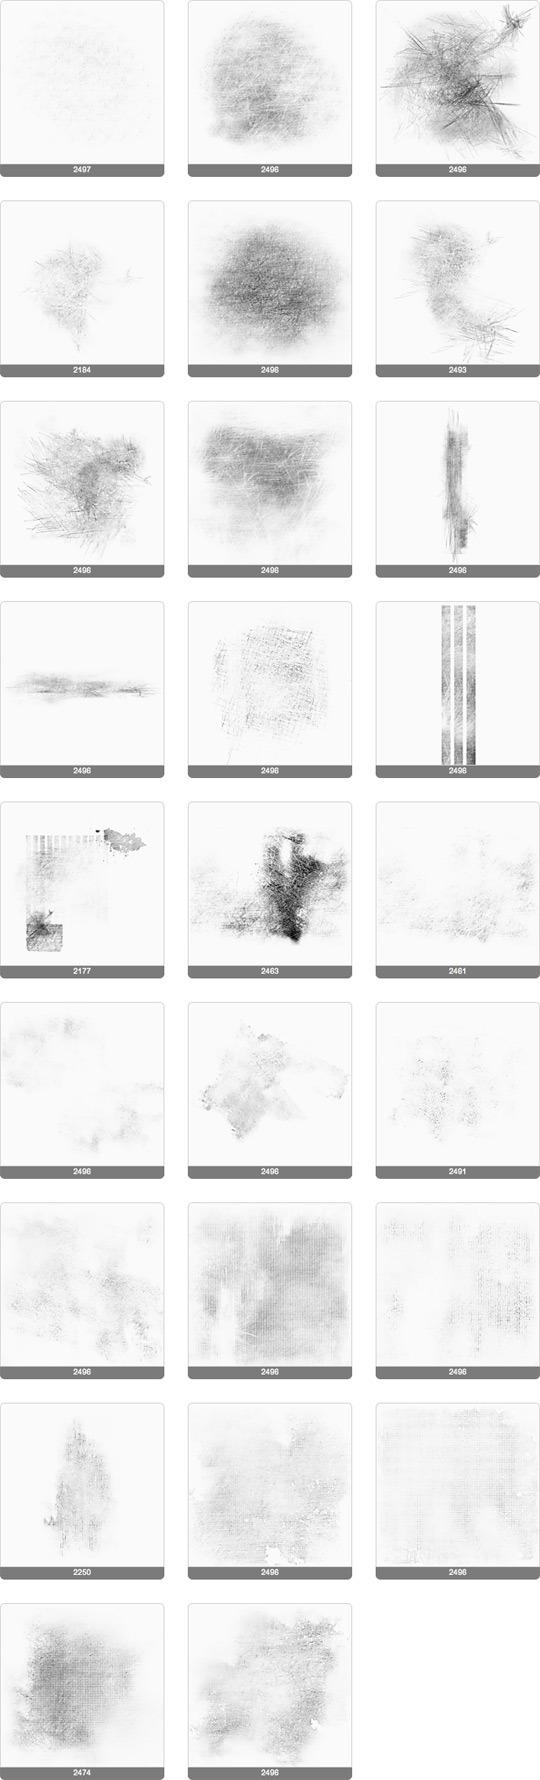 26 가지 무료 포토샵 그런지_스머지_스크래치 브러쉬 - 26 Free Mellow Mess_Scratch_Smudge_Subtle_Timeworn Photoshop Brushes